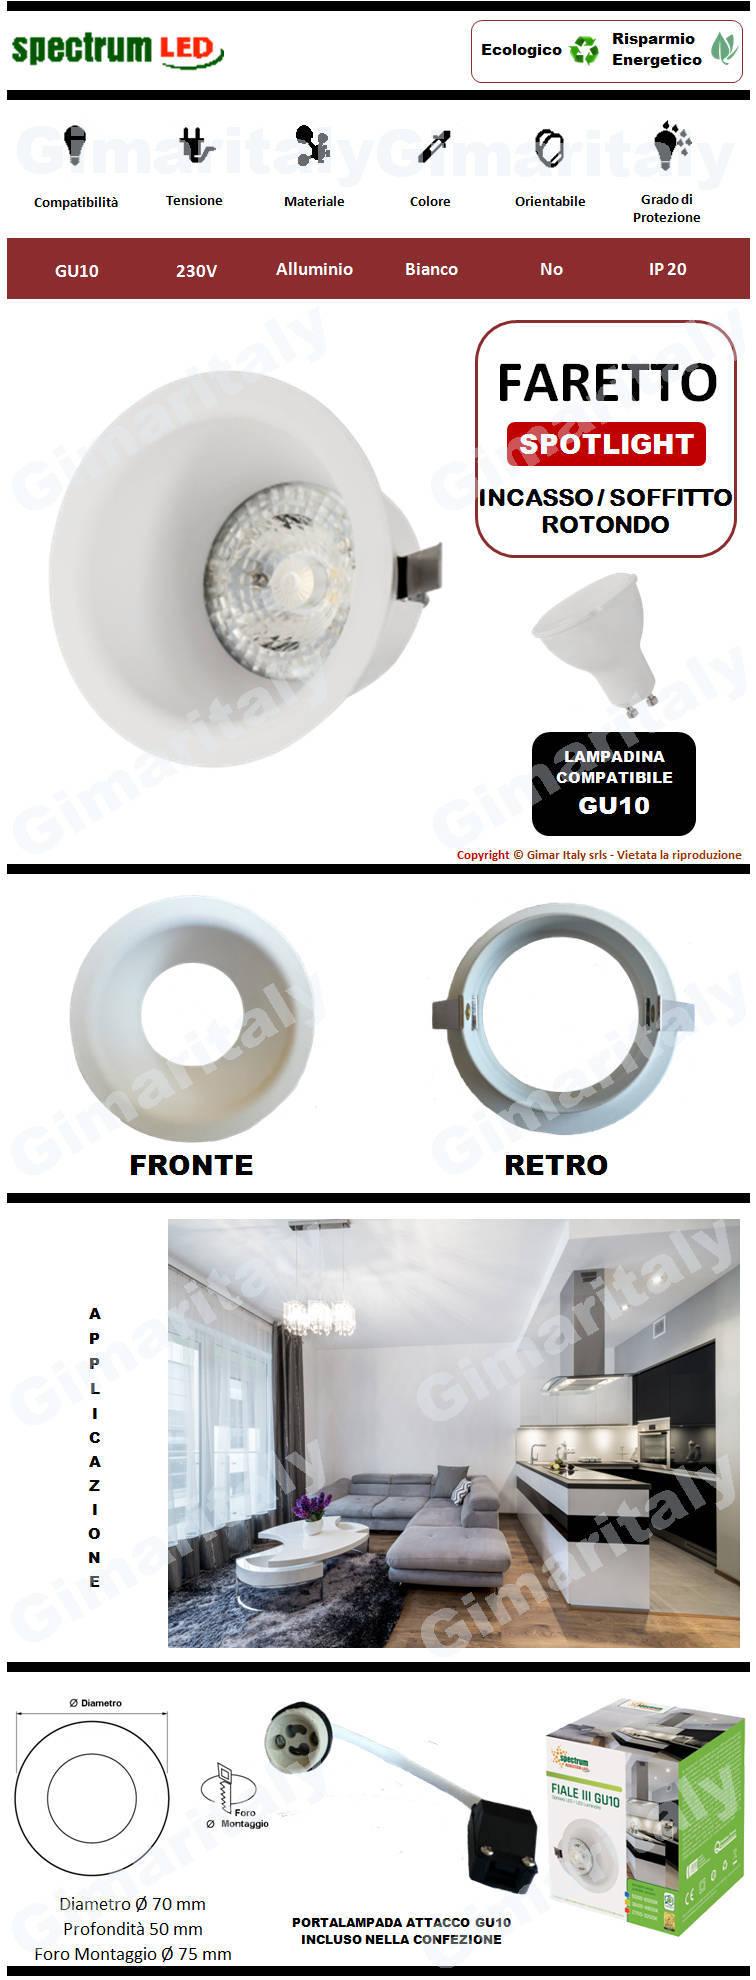 Portafaretto Rotondo Bianco da incasso per lampadina GU10 Spectrum